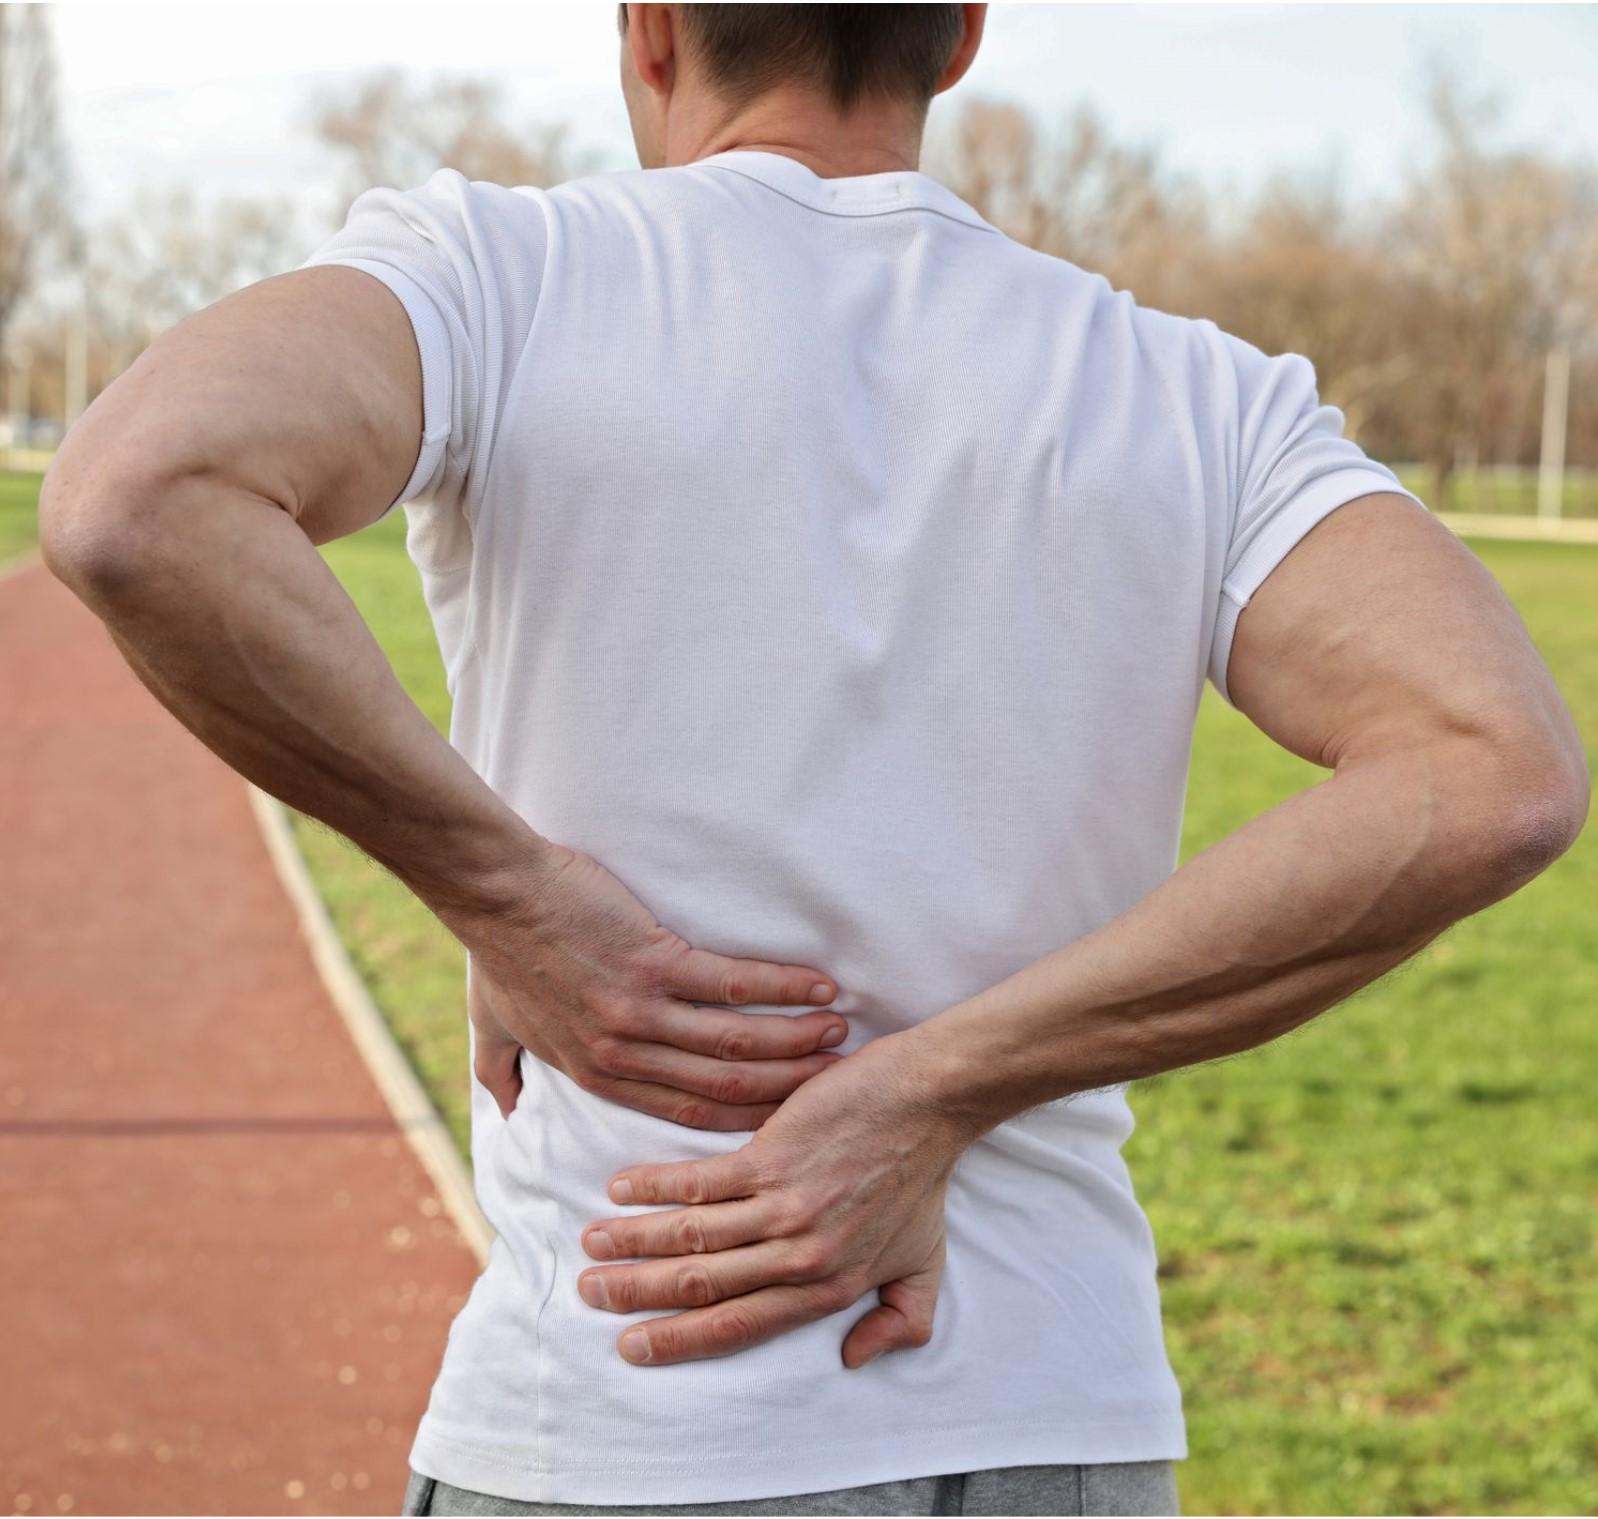 raumenu sanariu skausmas - Apžvalga